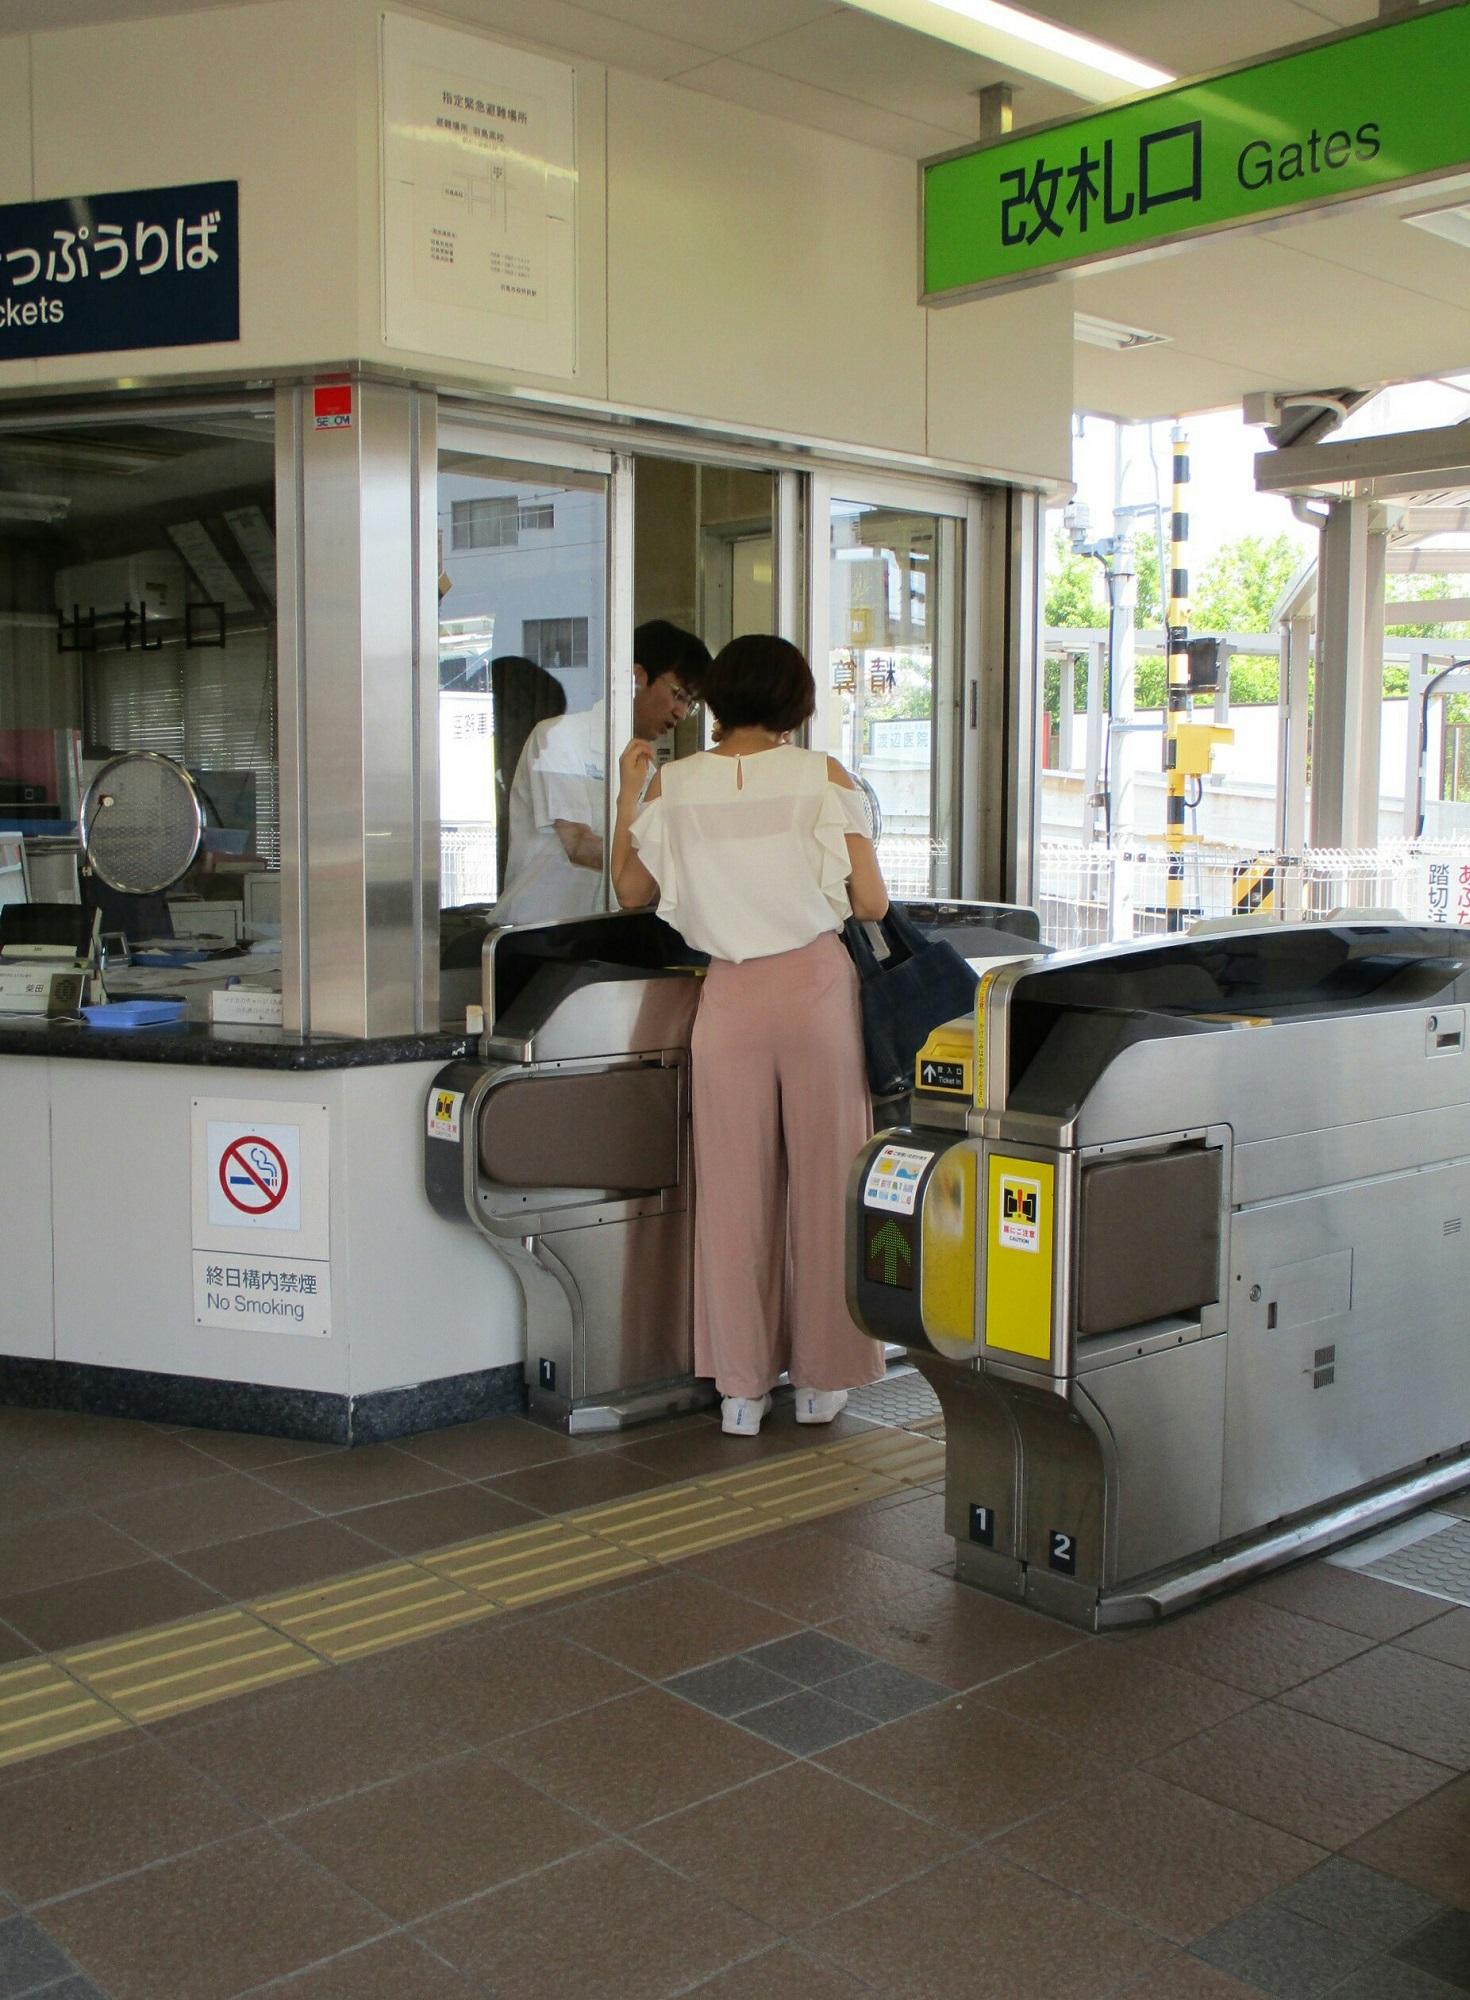 2018.7.18 (80) 羽島市役所前 - かいさつ 1470-2000